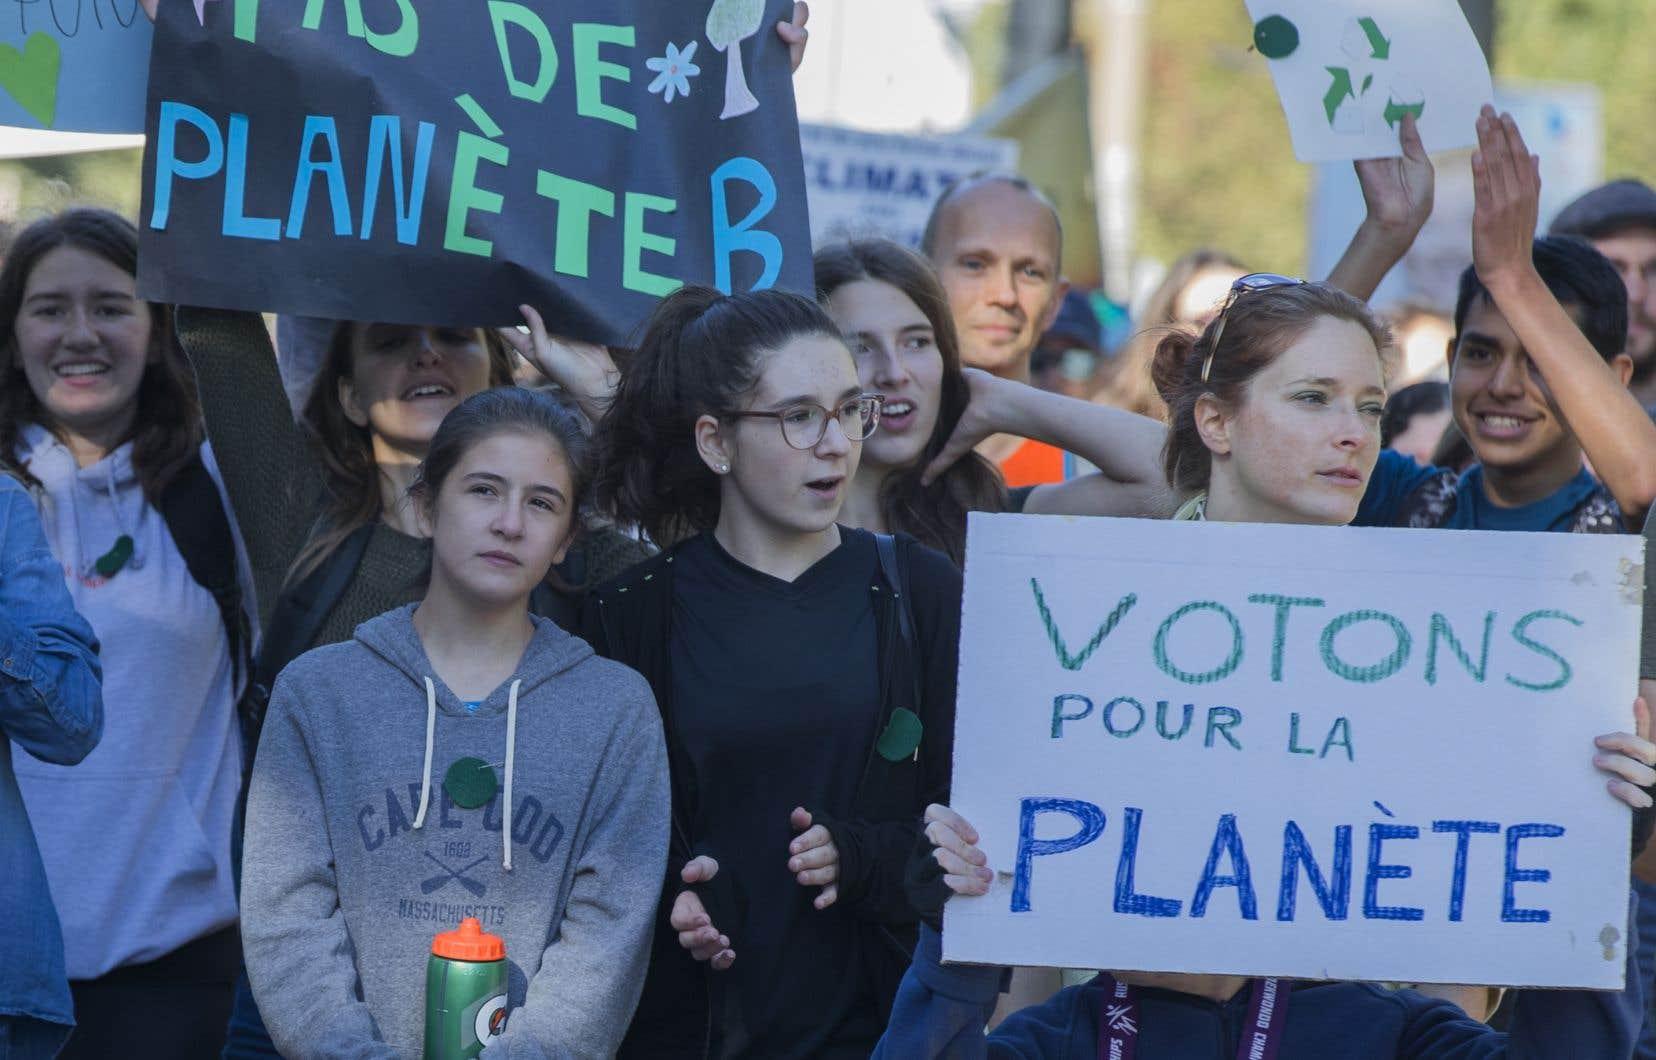 Cette mobilisation symbolique vise à démontrer l'urgence climatique et à réclamer des gestes concrets de la part du gouvernement de François Legault.